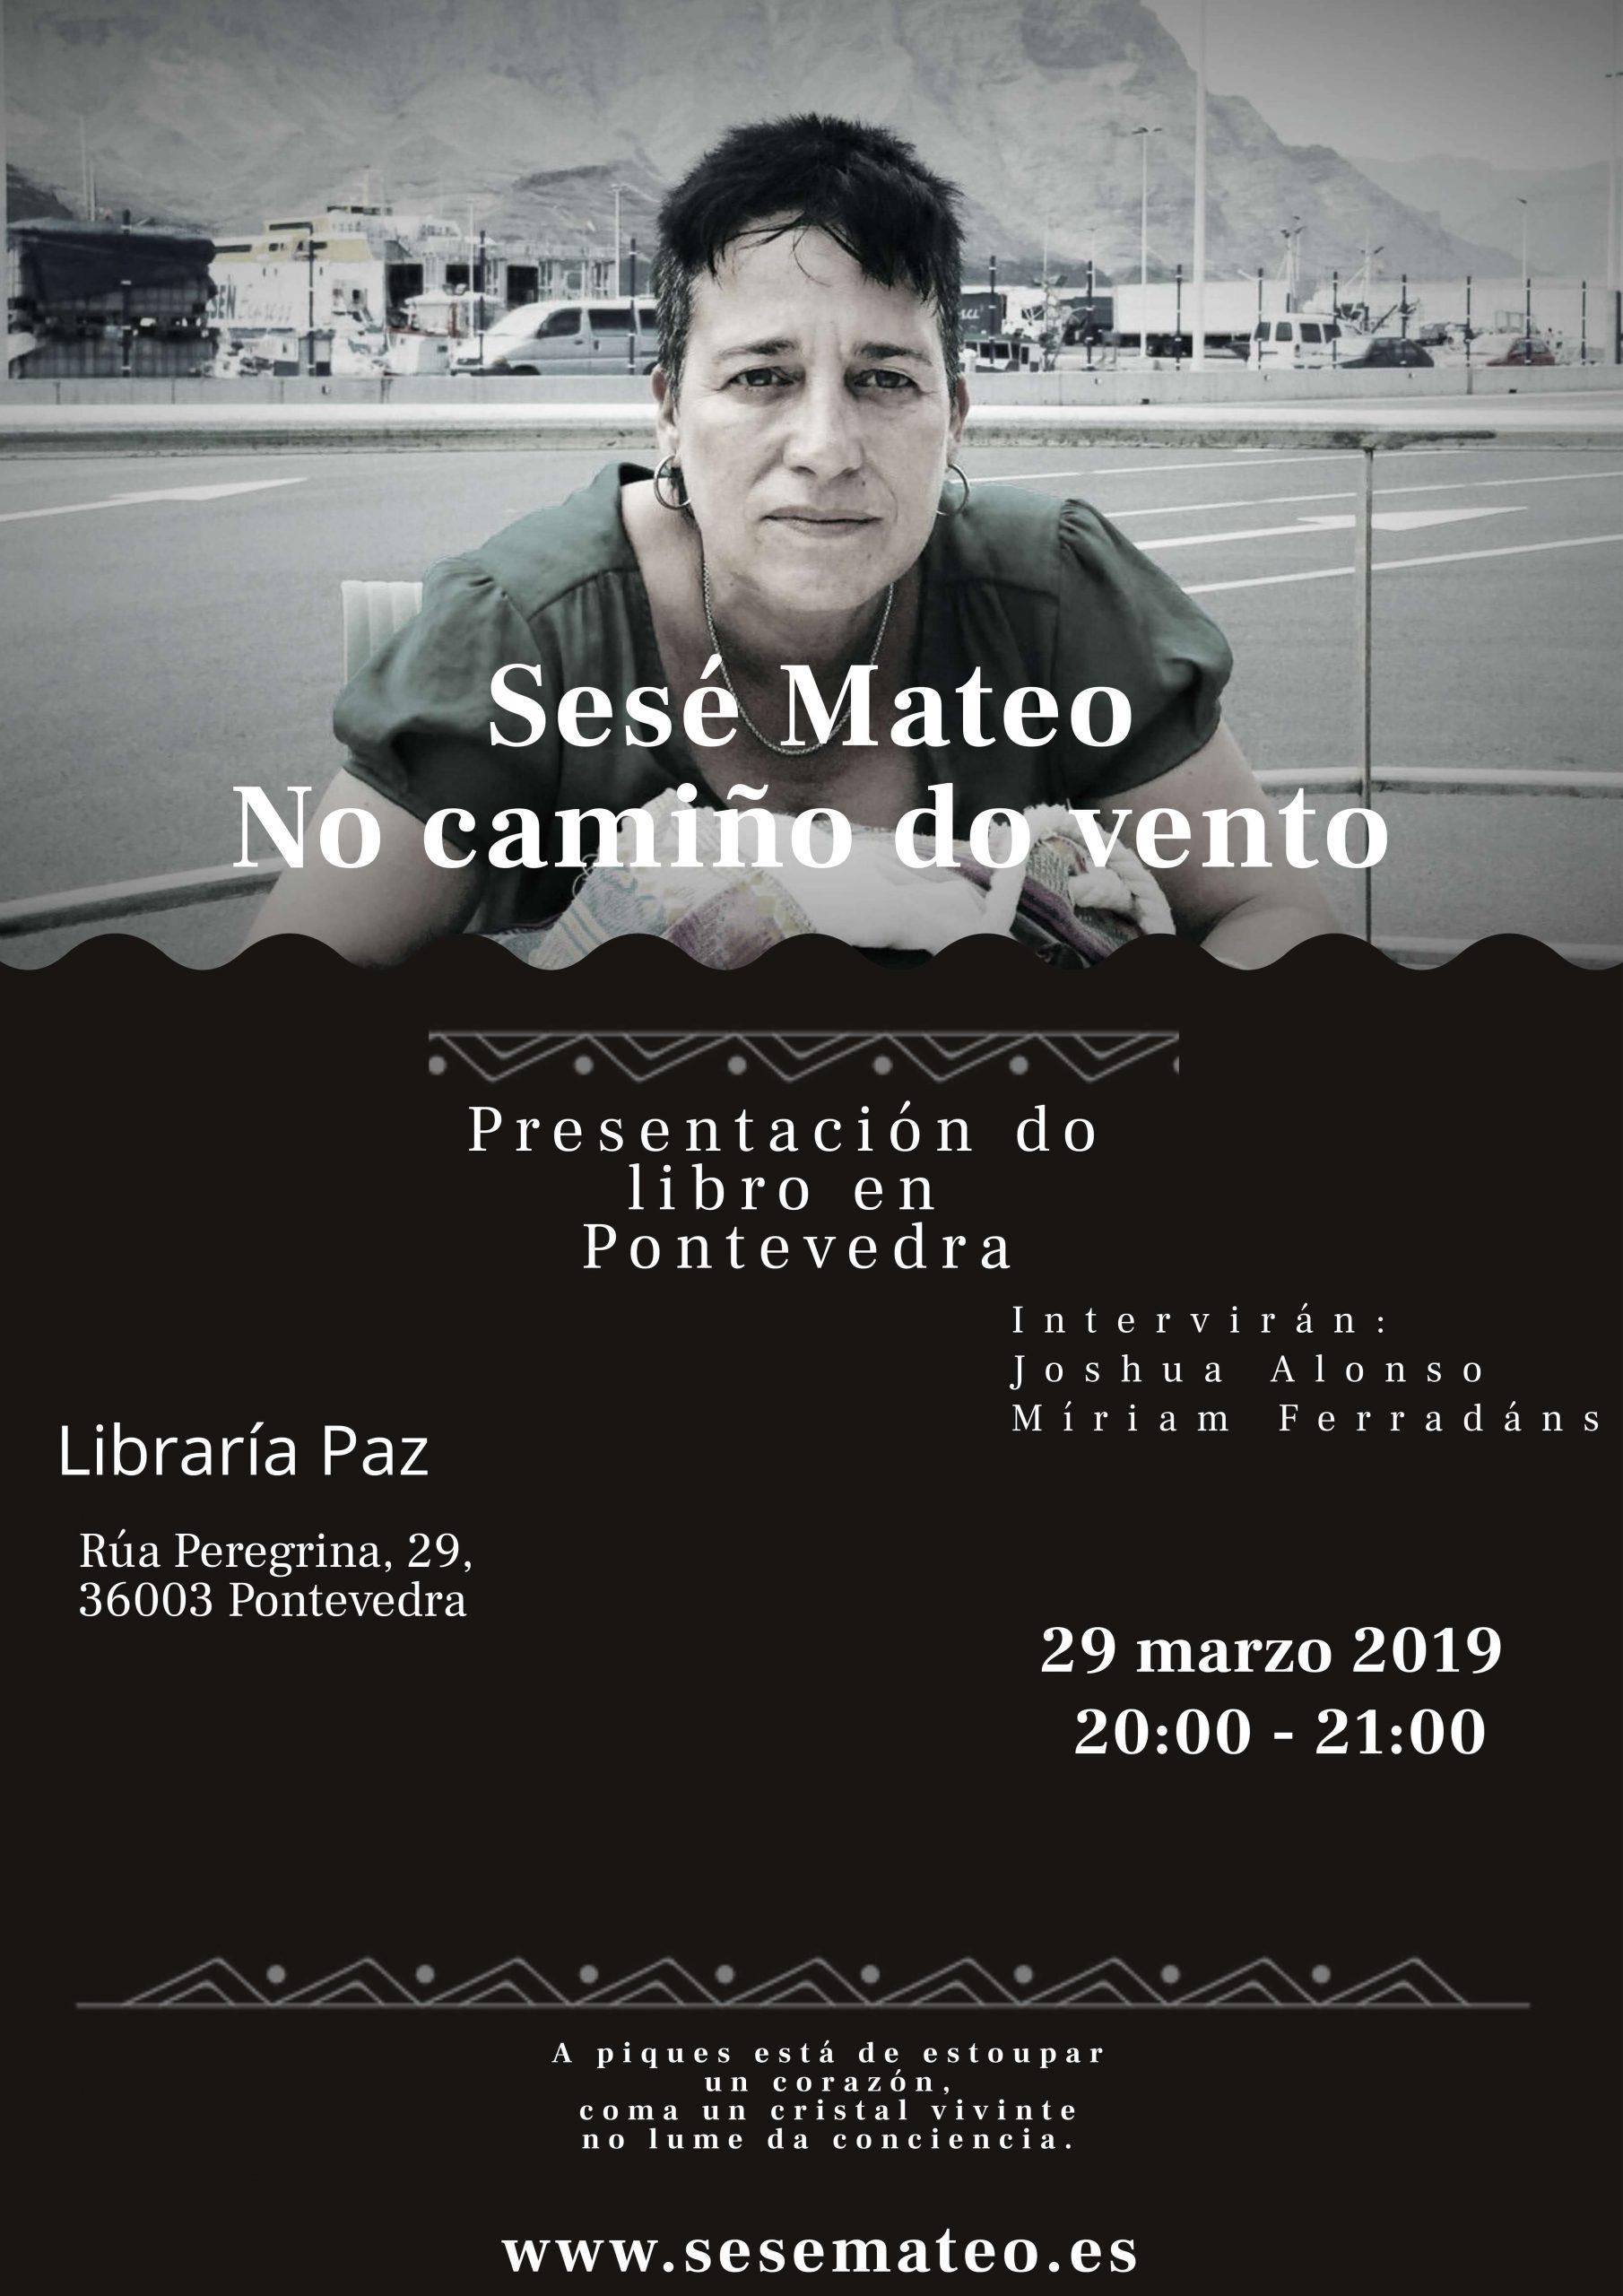 Presentación «No camiño do vento» de Sesé Mateo en Pontevedra